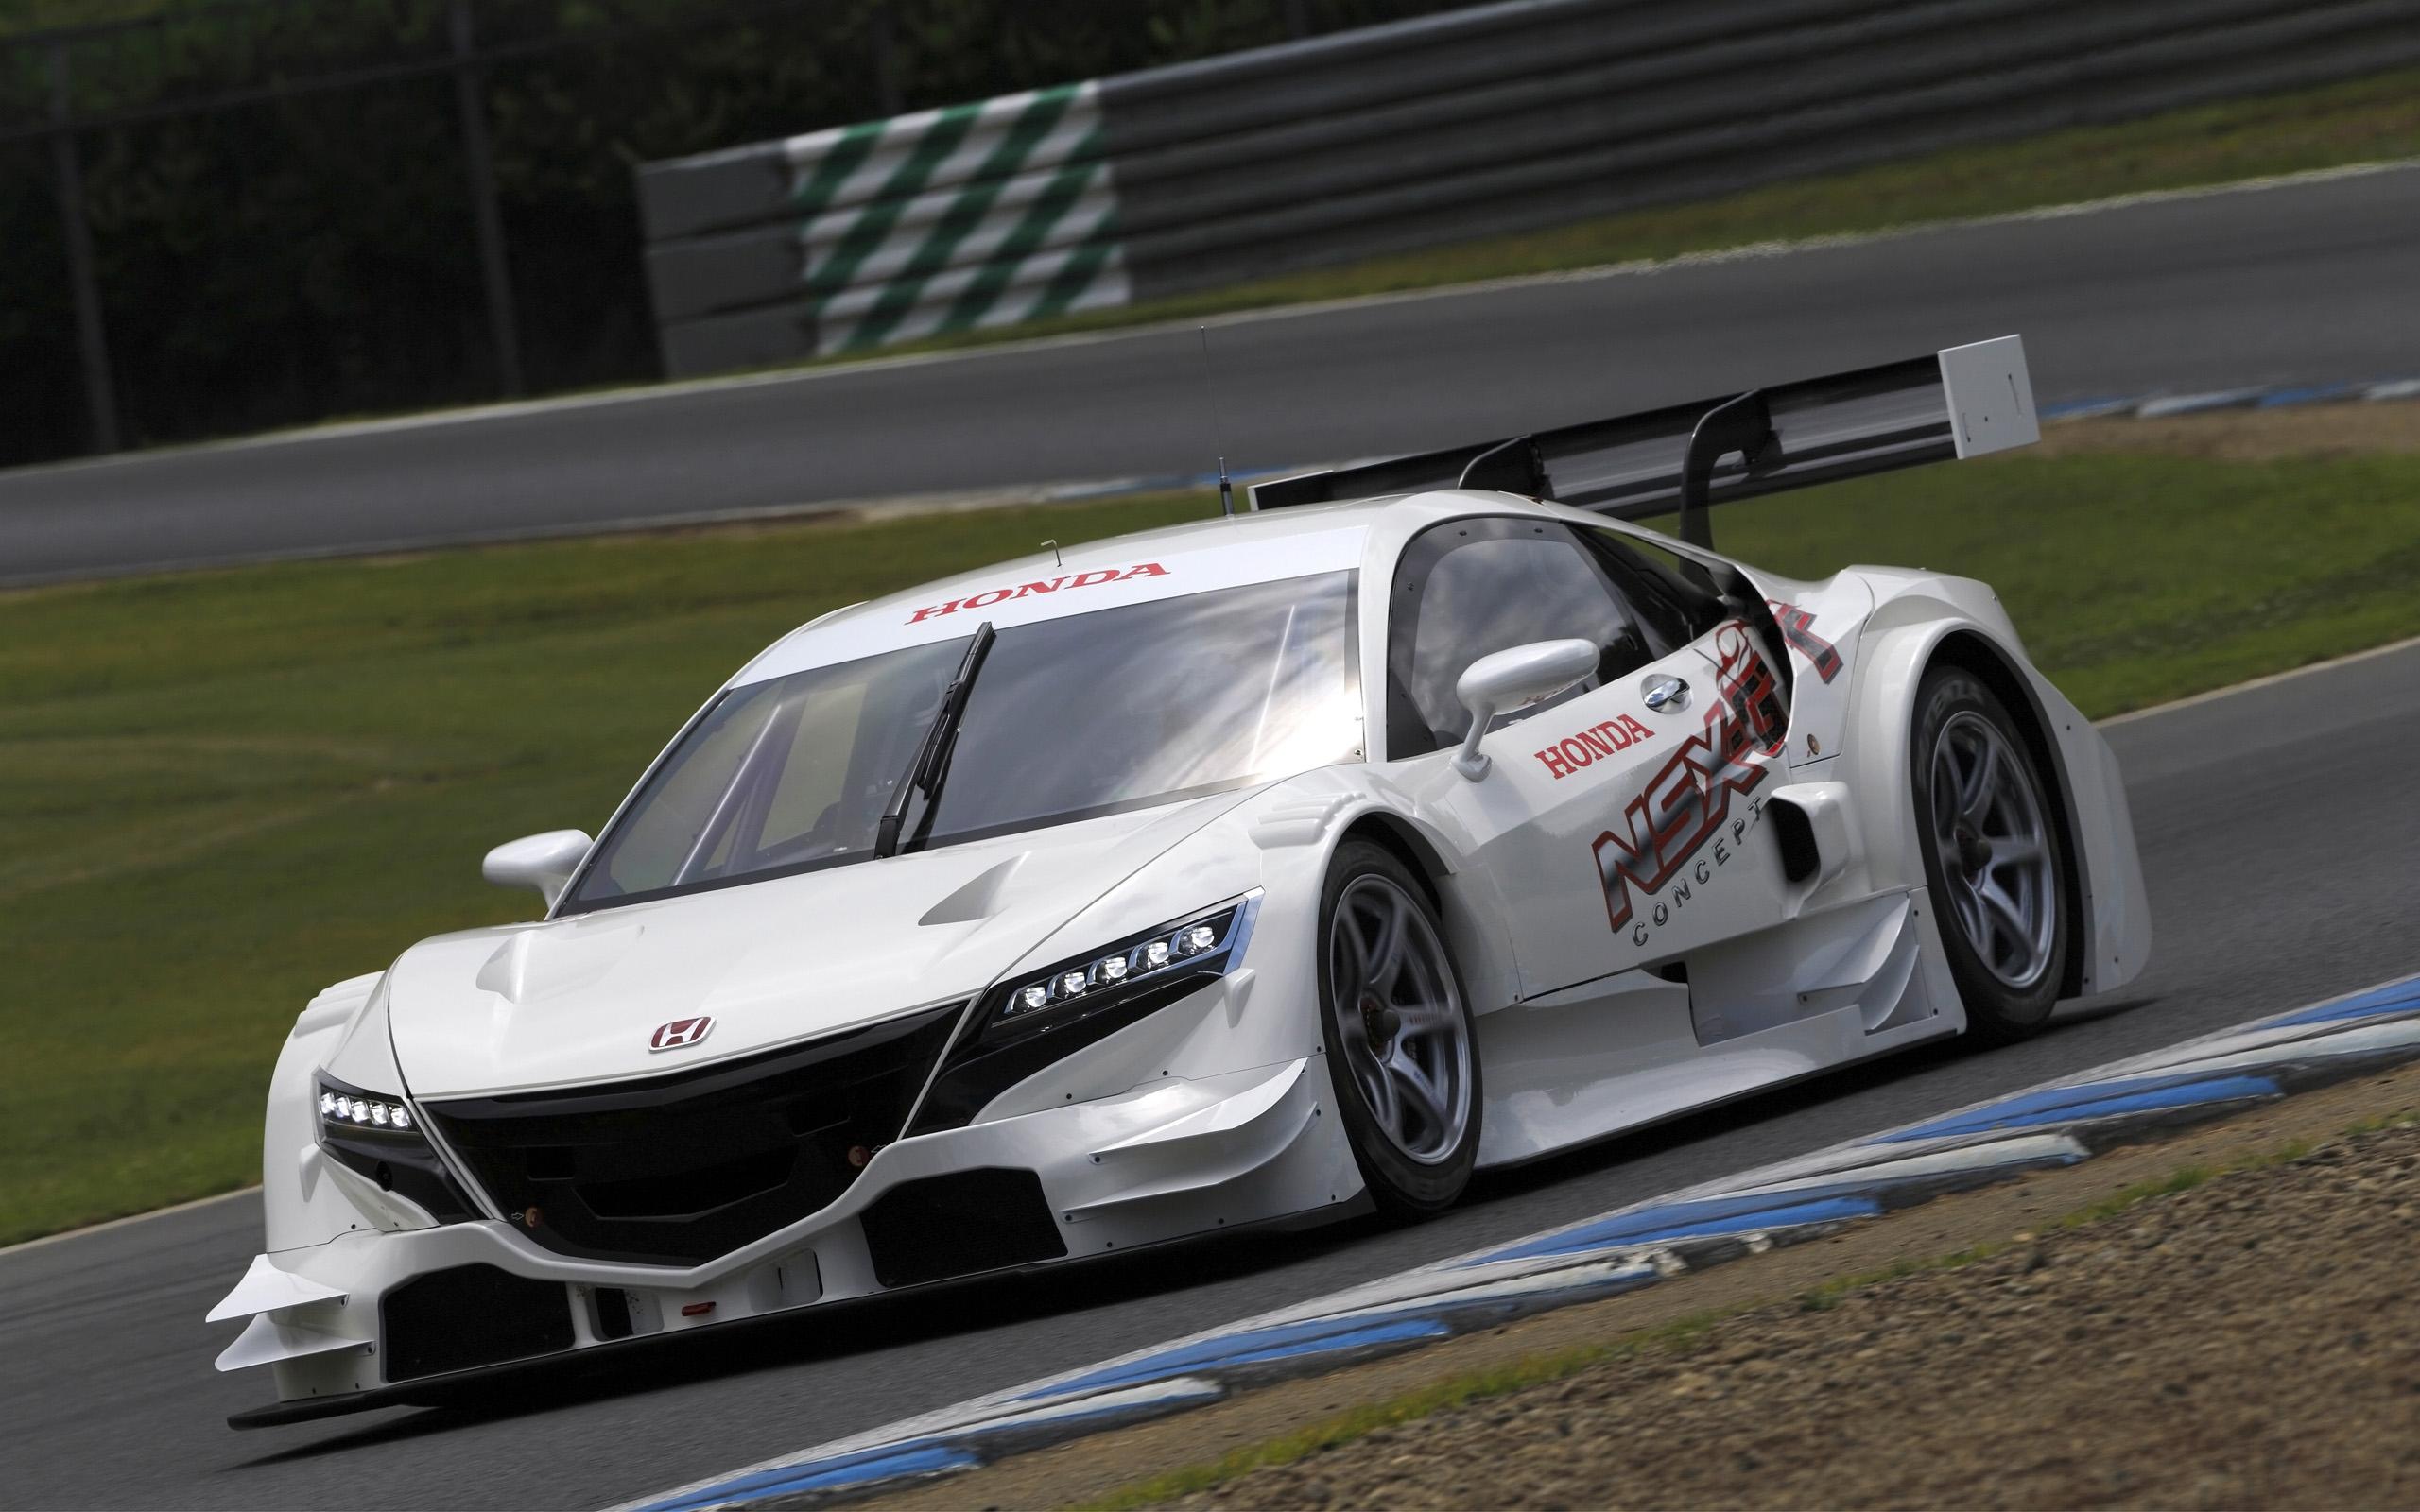 2013 Honda NSX-GT Concept - HD Pictures @ carsinvasion.com